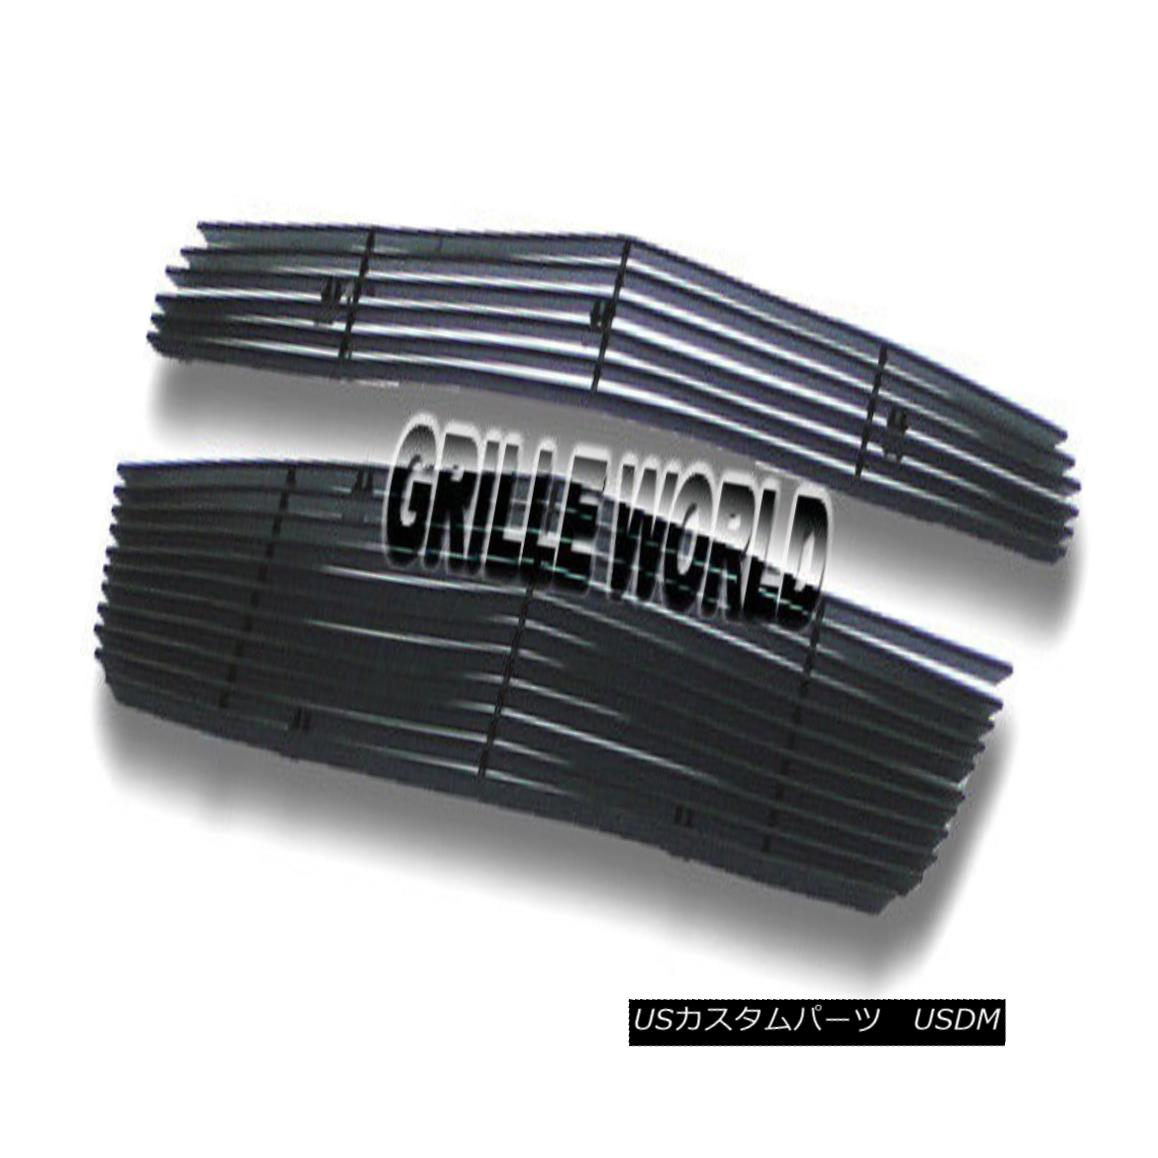 グリル For 2010-2015 Chevy Equinox Black Billet Grille Grill Insert 2010-2015シボレーエクイノックスブラックビレットグリルグリルインサート用